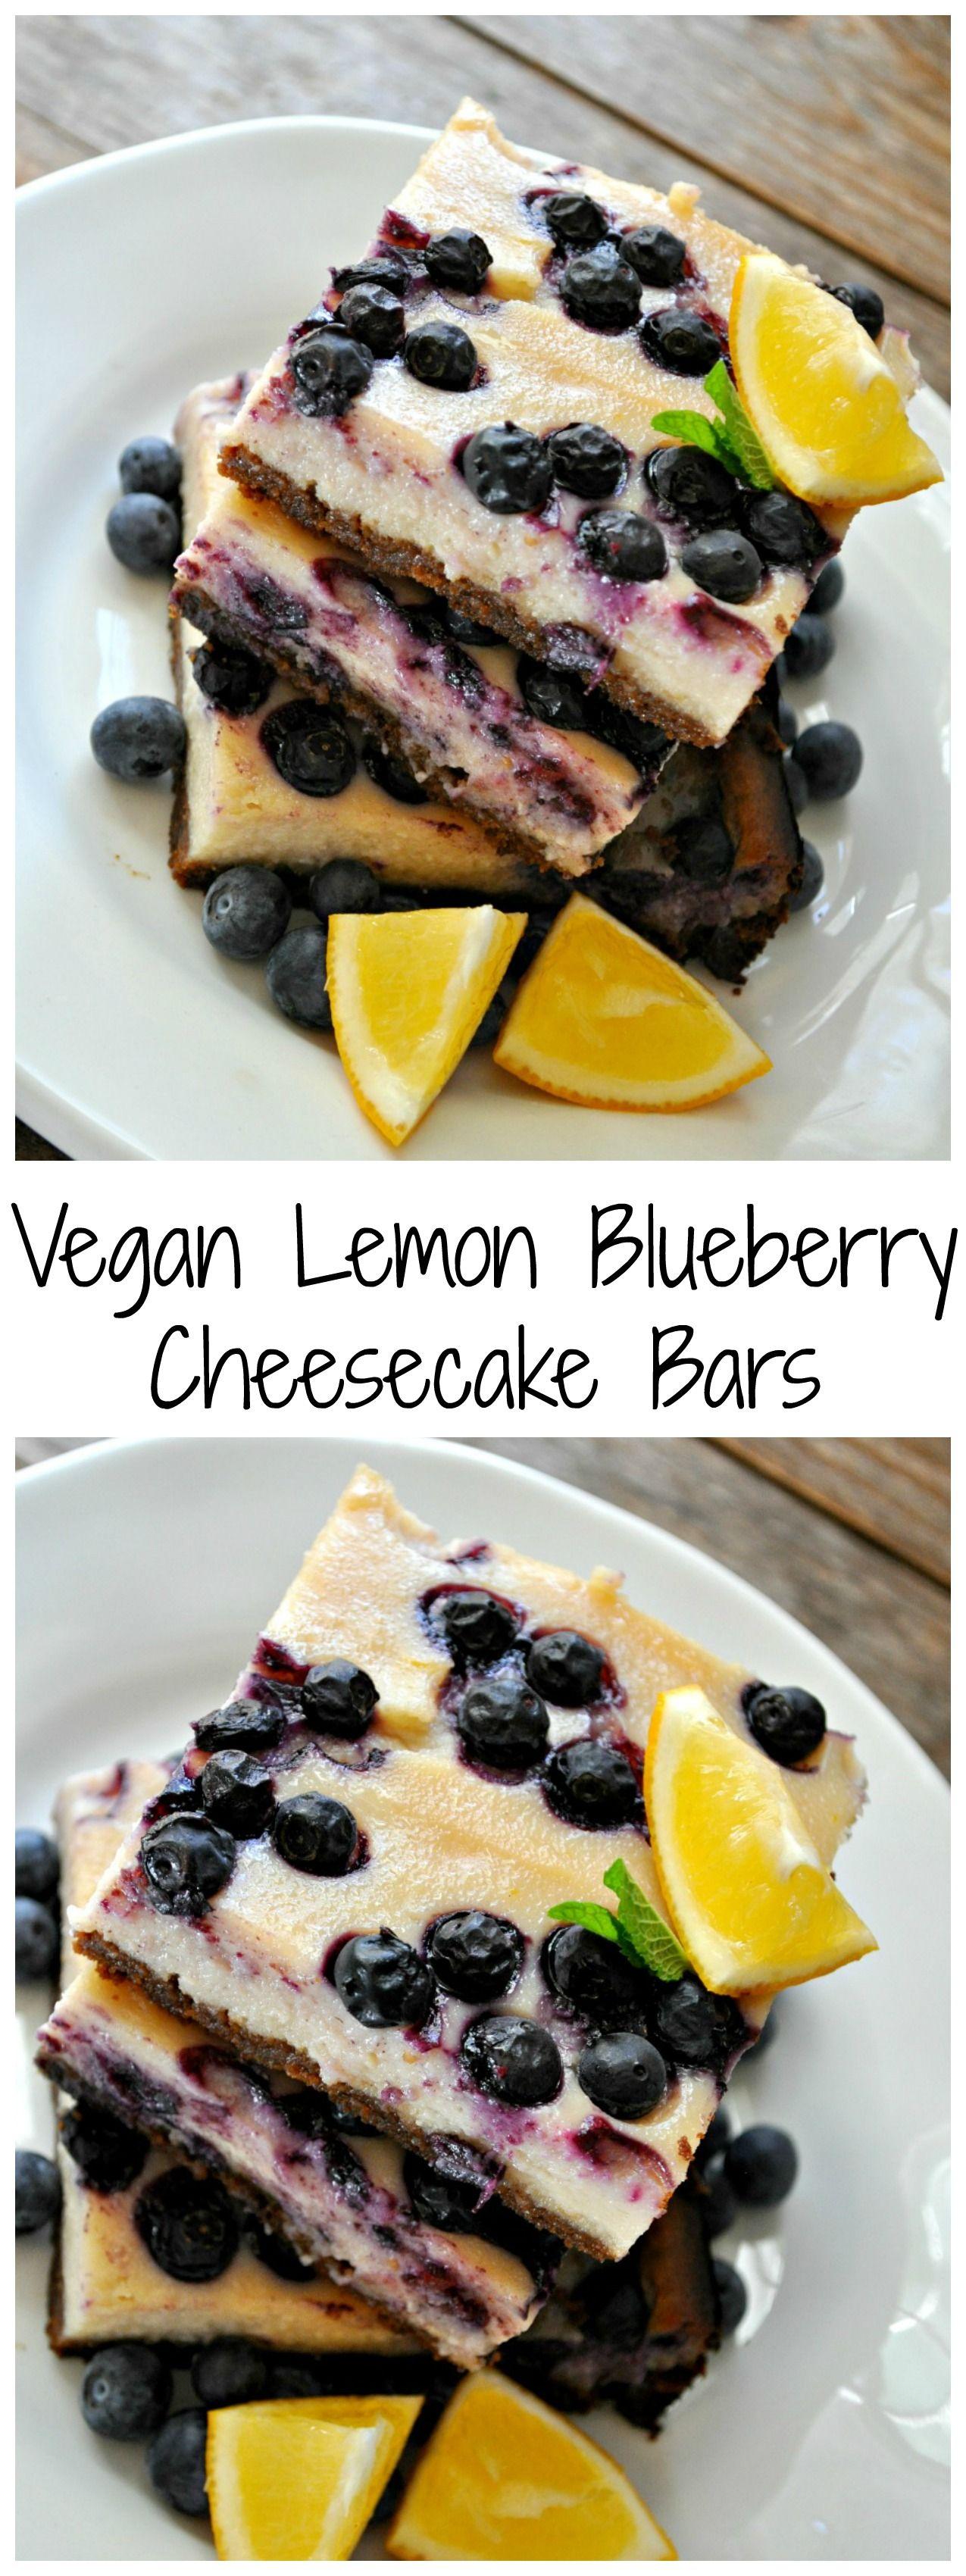 Vegan Lemon Blueberry Cheesecake Bars - Rabbit and Wolves